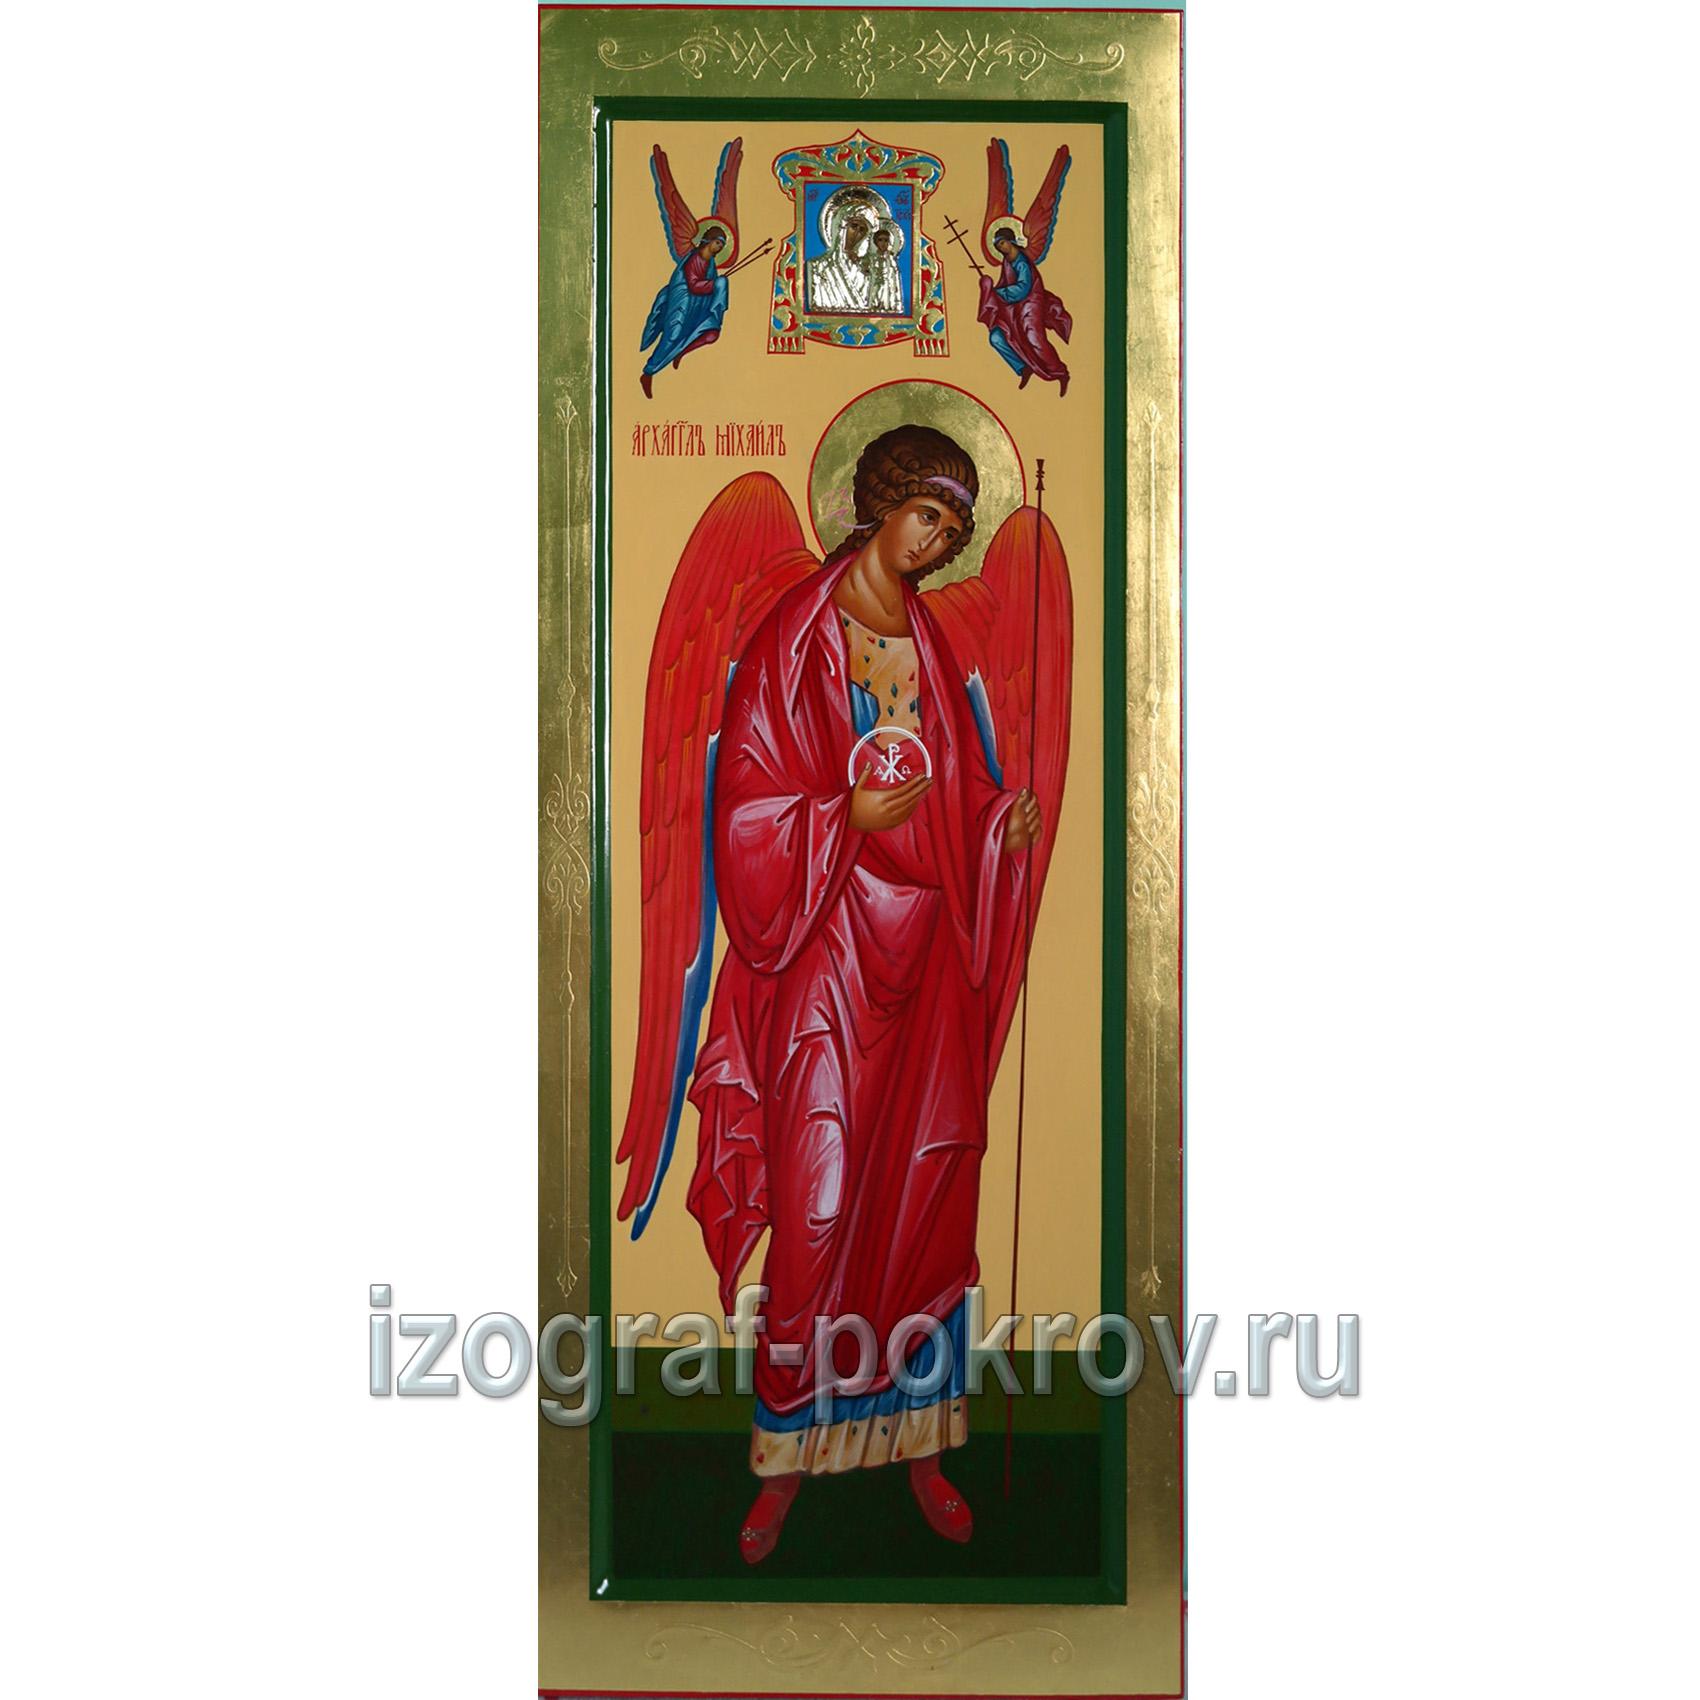 Икона Архангел Михаил архистратиг с Казанской Богородицей и ангелами